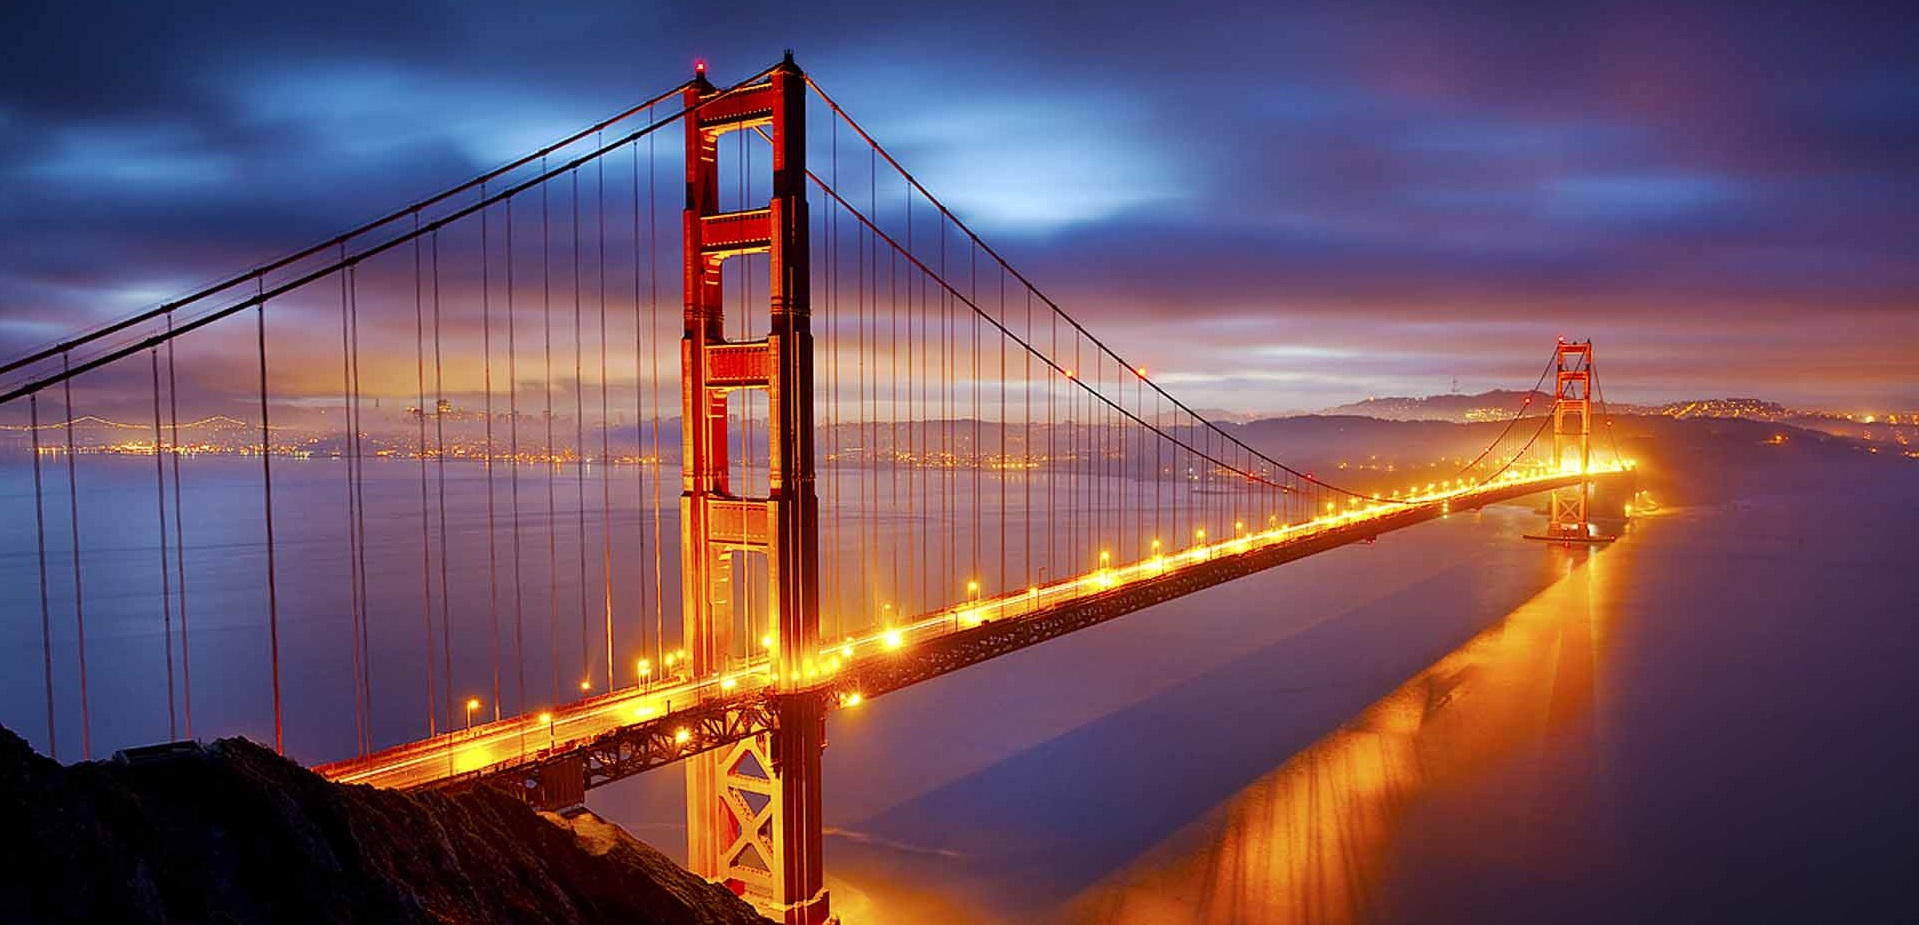 Cầu Cổng Vàng biểu tượng của thành phố San Francisco